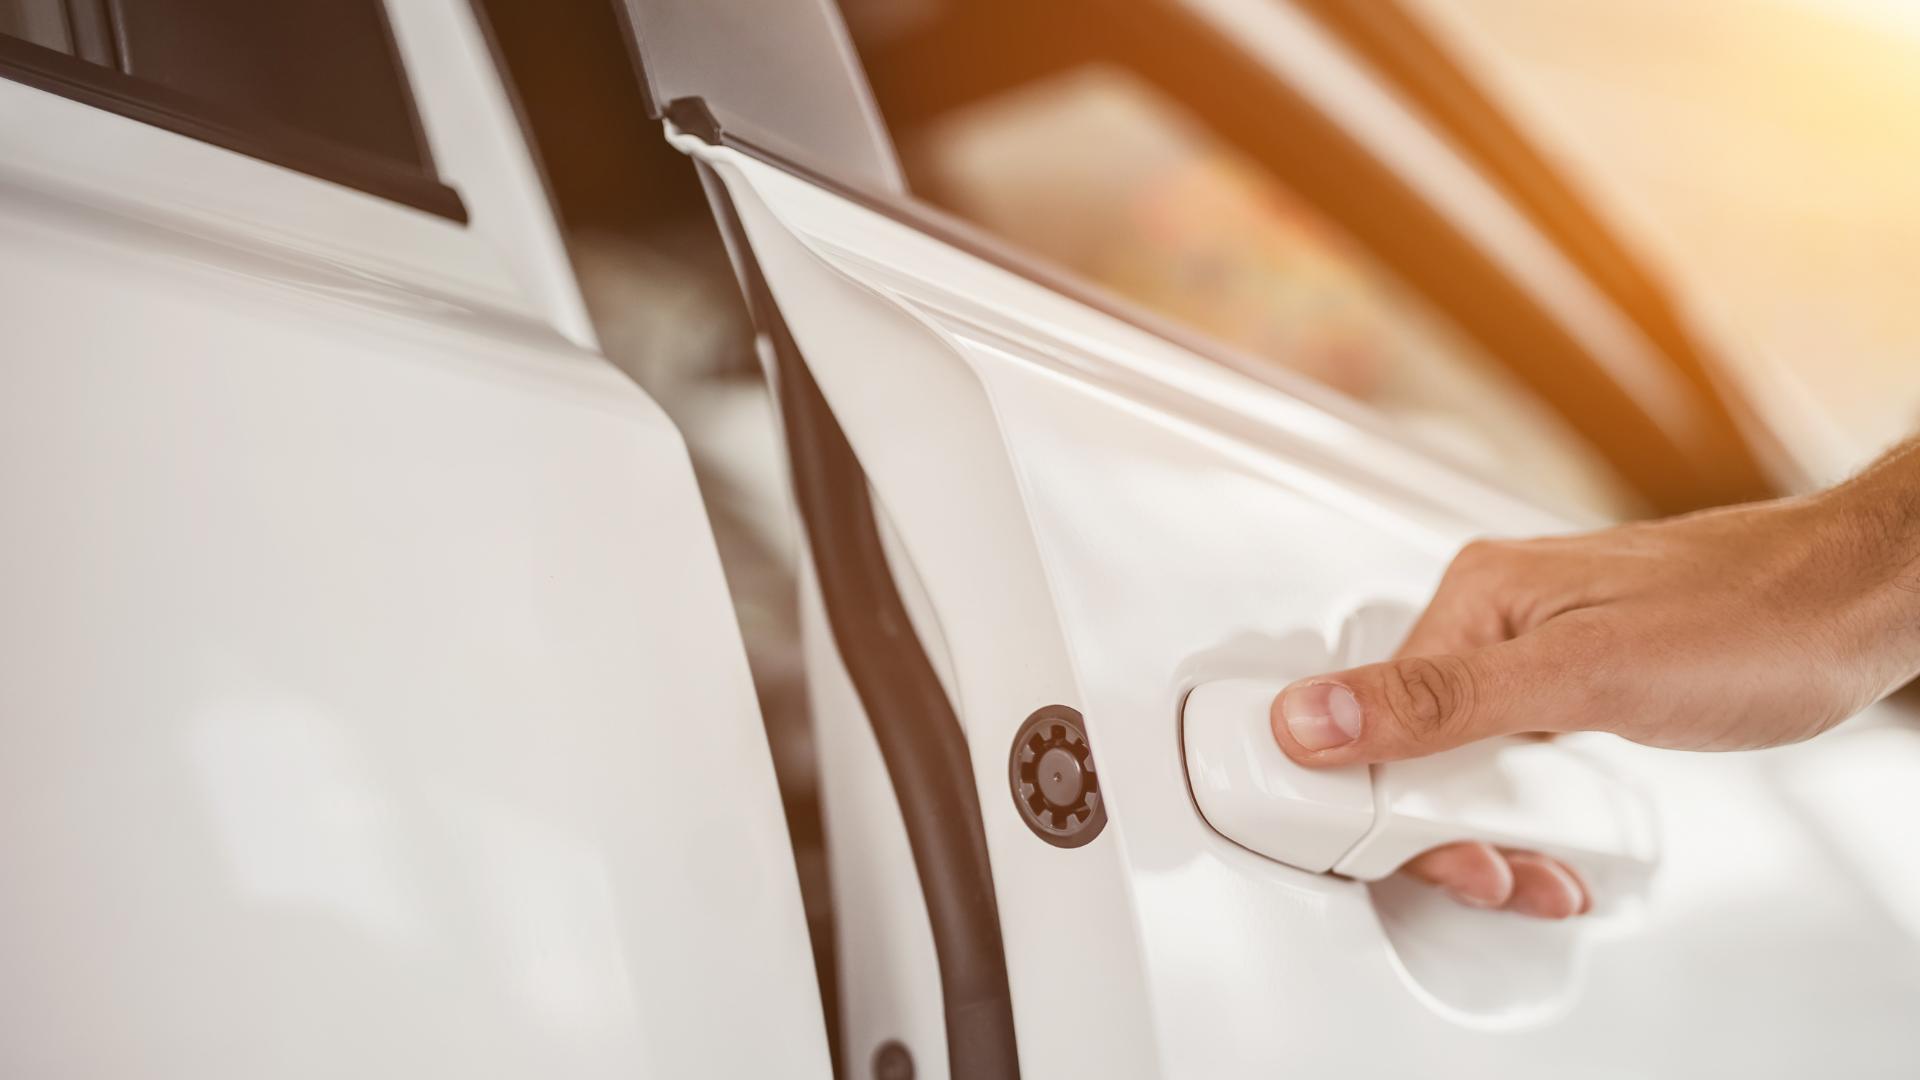 Valore Residuo dell'Auto: tutto quello che devi sapere